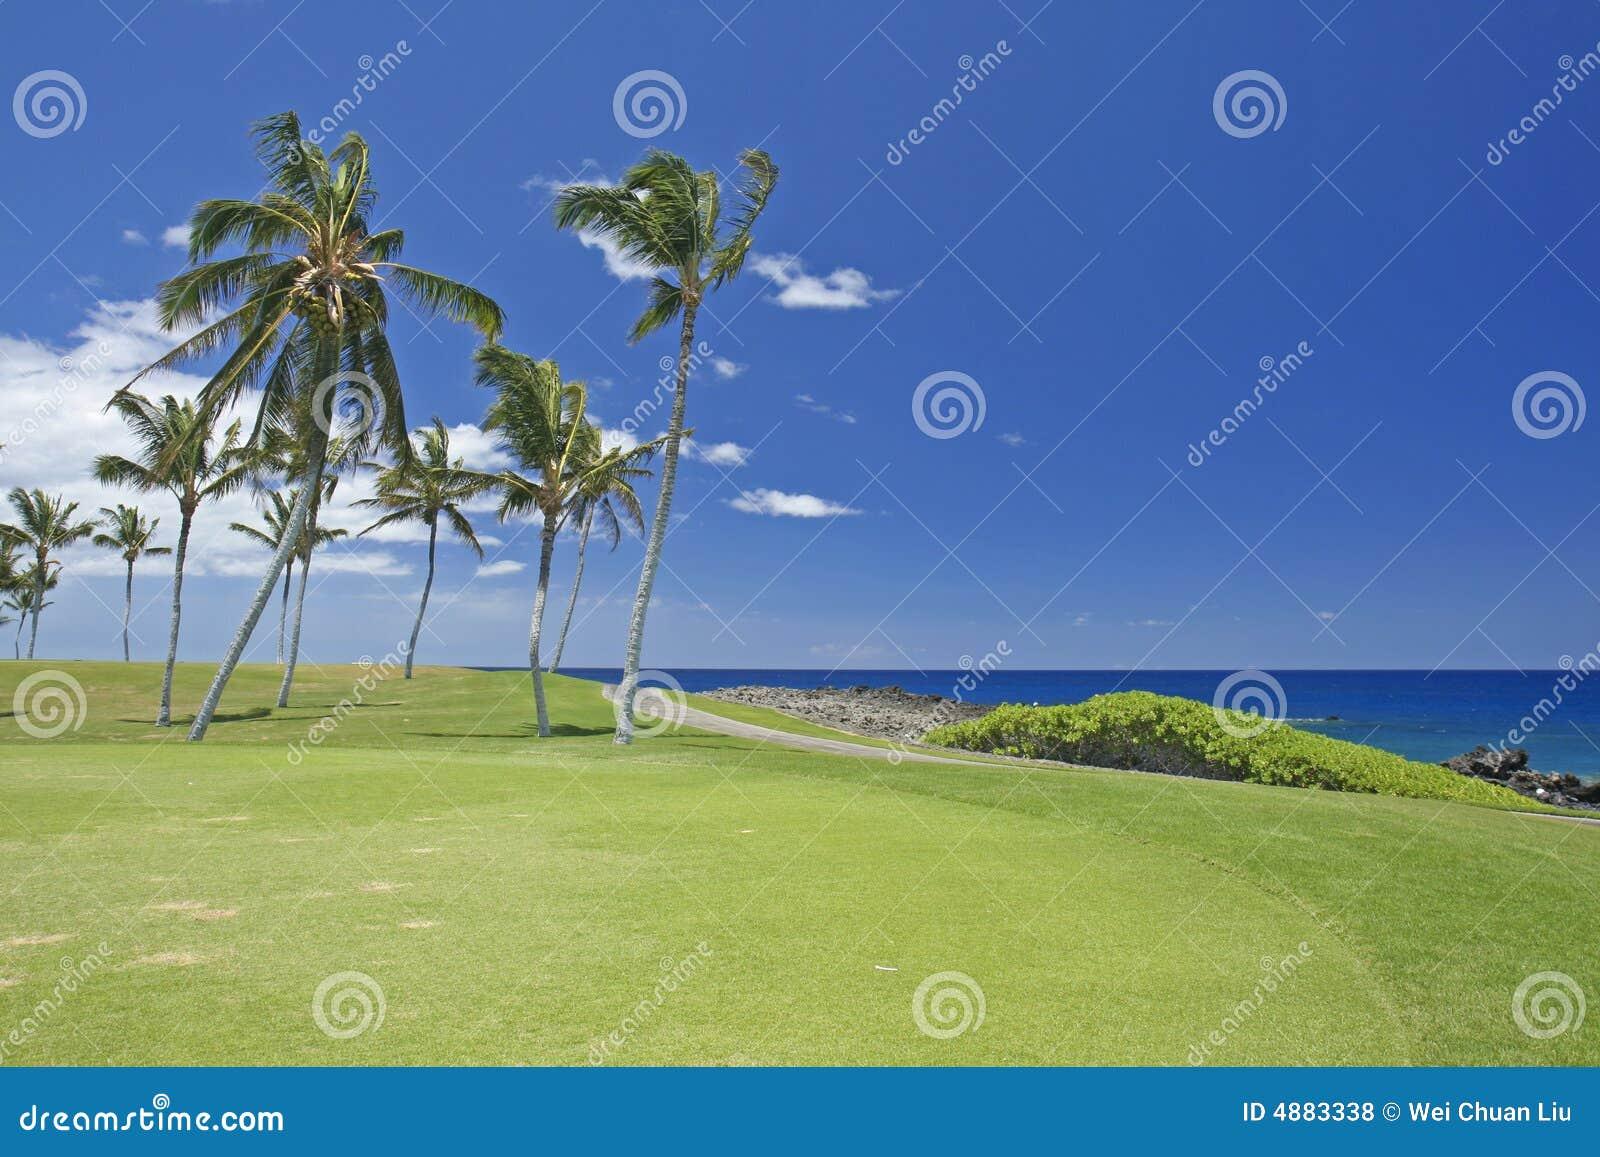 Hawaii kurs golfa,